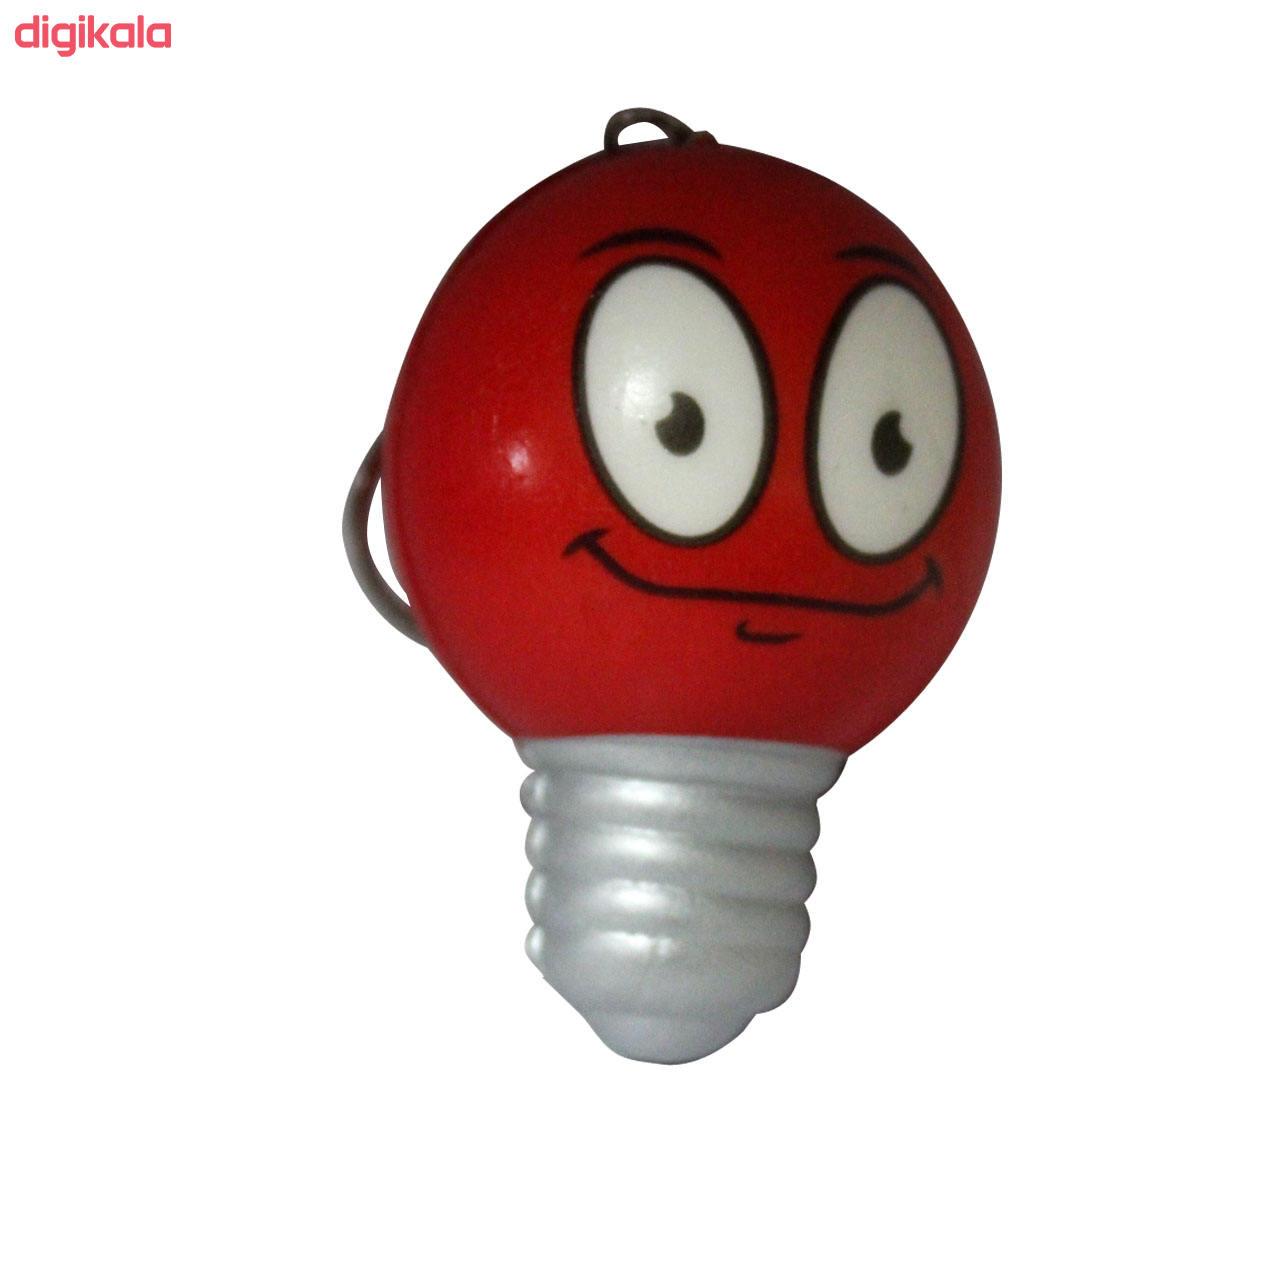 اسکوییشی مدل لامپ کد 3 main 1 1